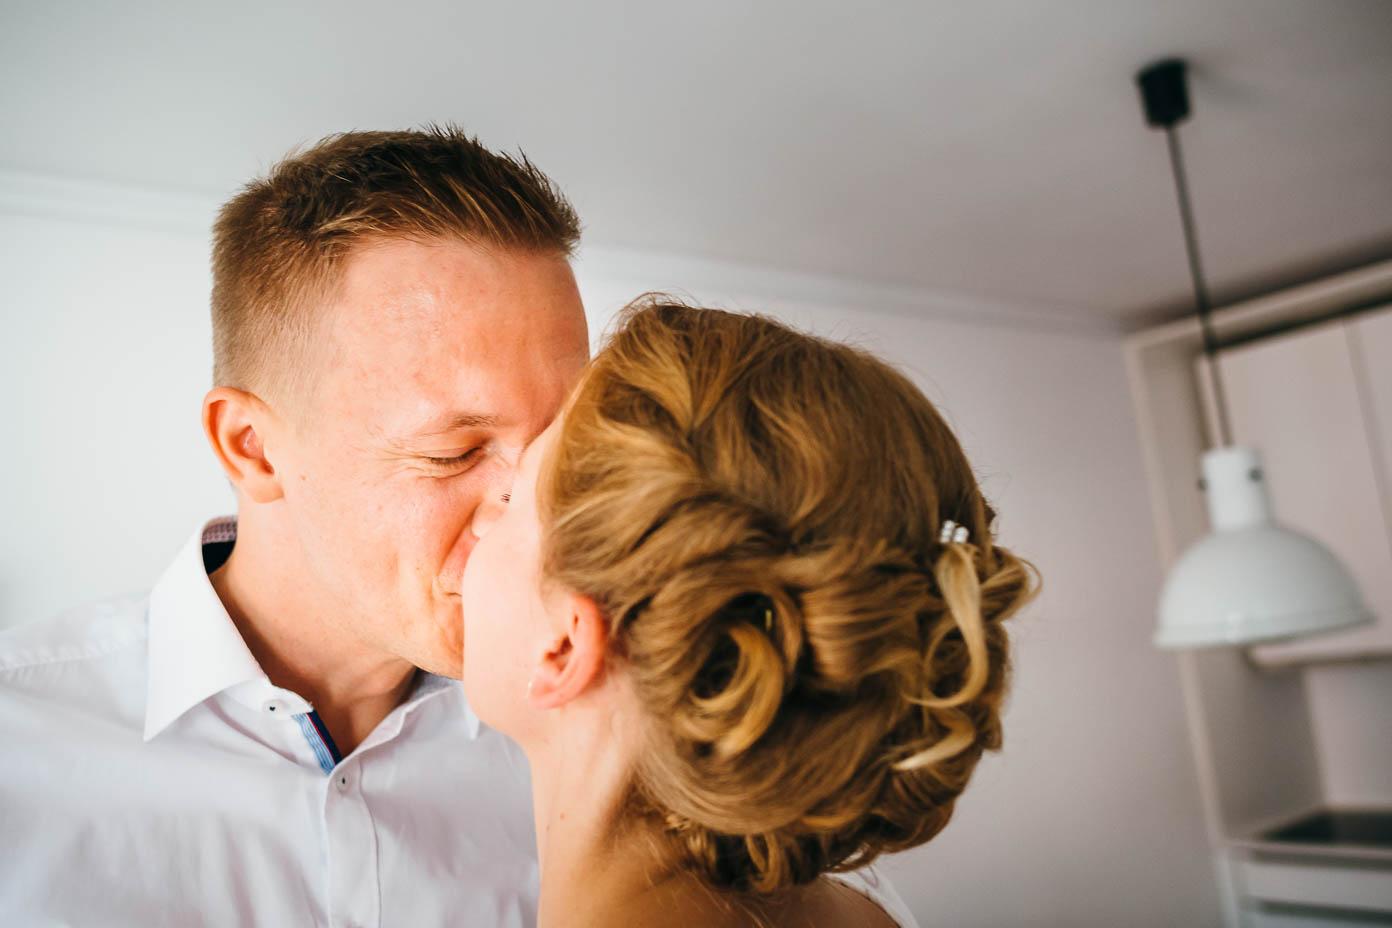 First Look - Braut und Bräutigam küssen sich.